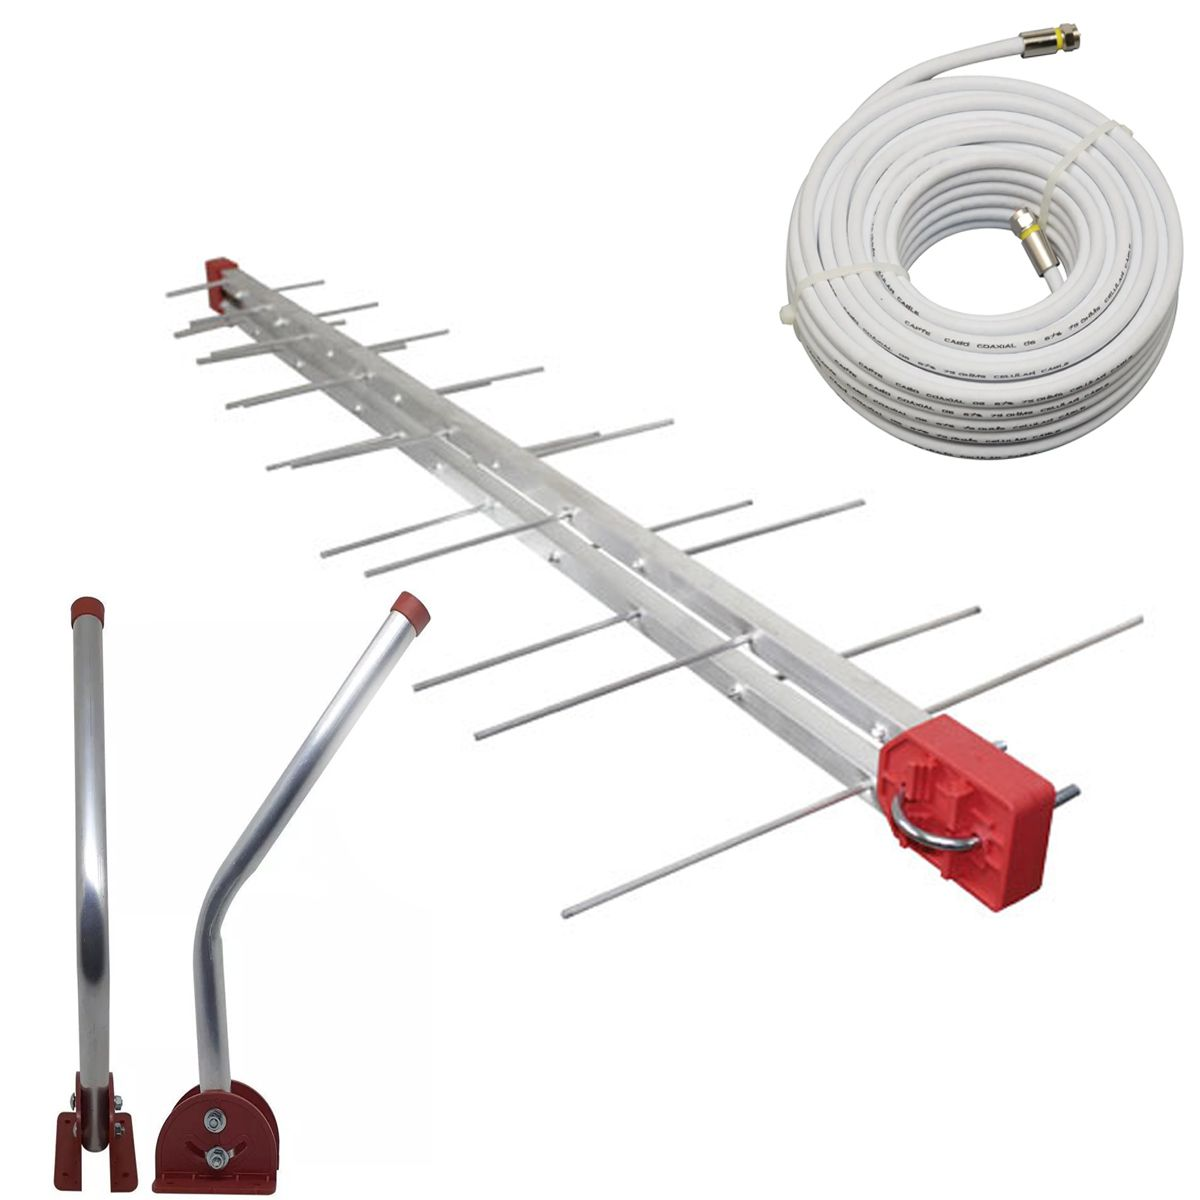 Antena Digital 4K UHF DIGITAL Antena Log 28, Mastro 75 cm e Cabo Coaxial 20 cm Kit Capte